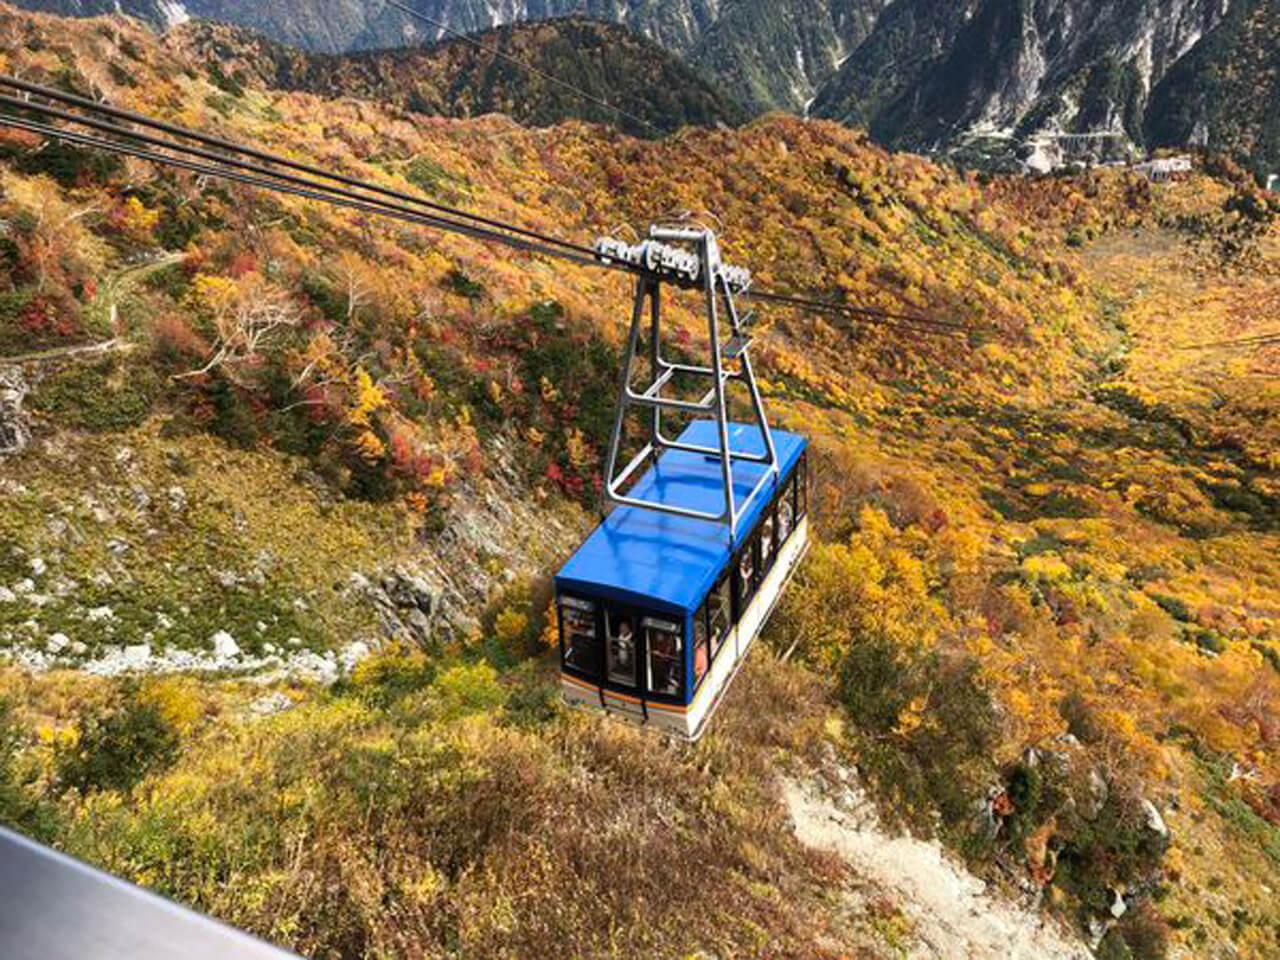 黑部立山(立山黑部)日本最長沒有支撐桿的纜車